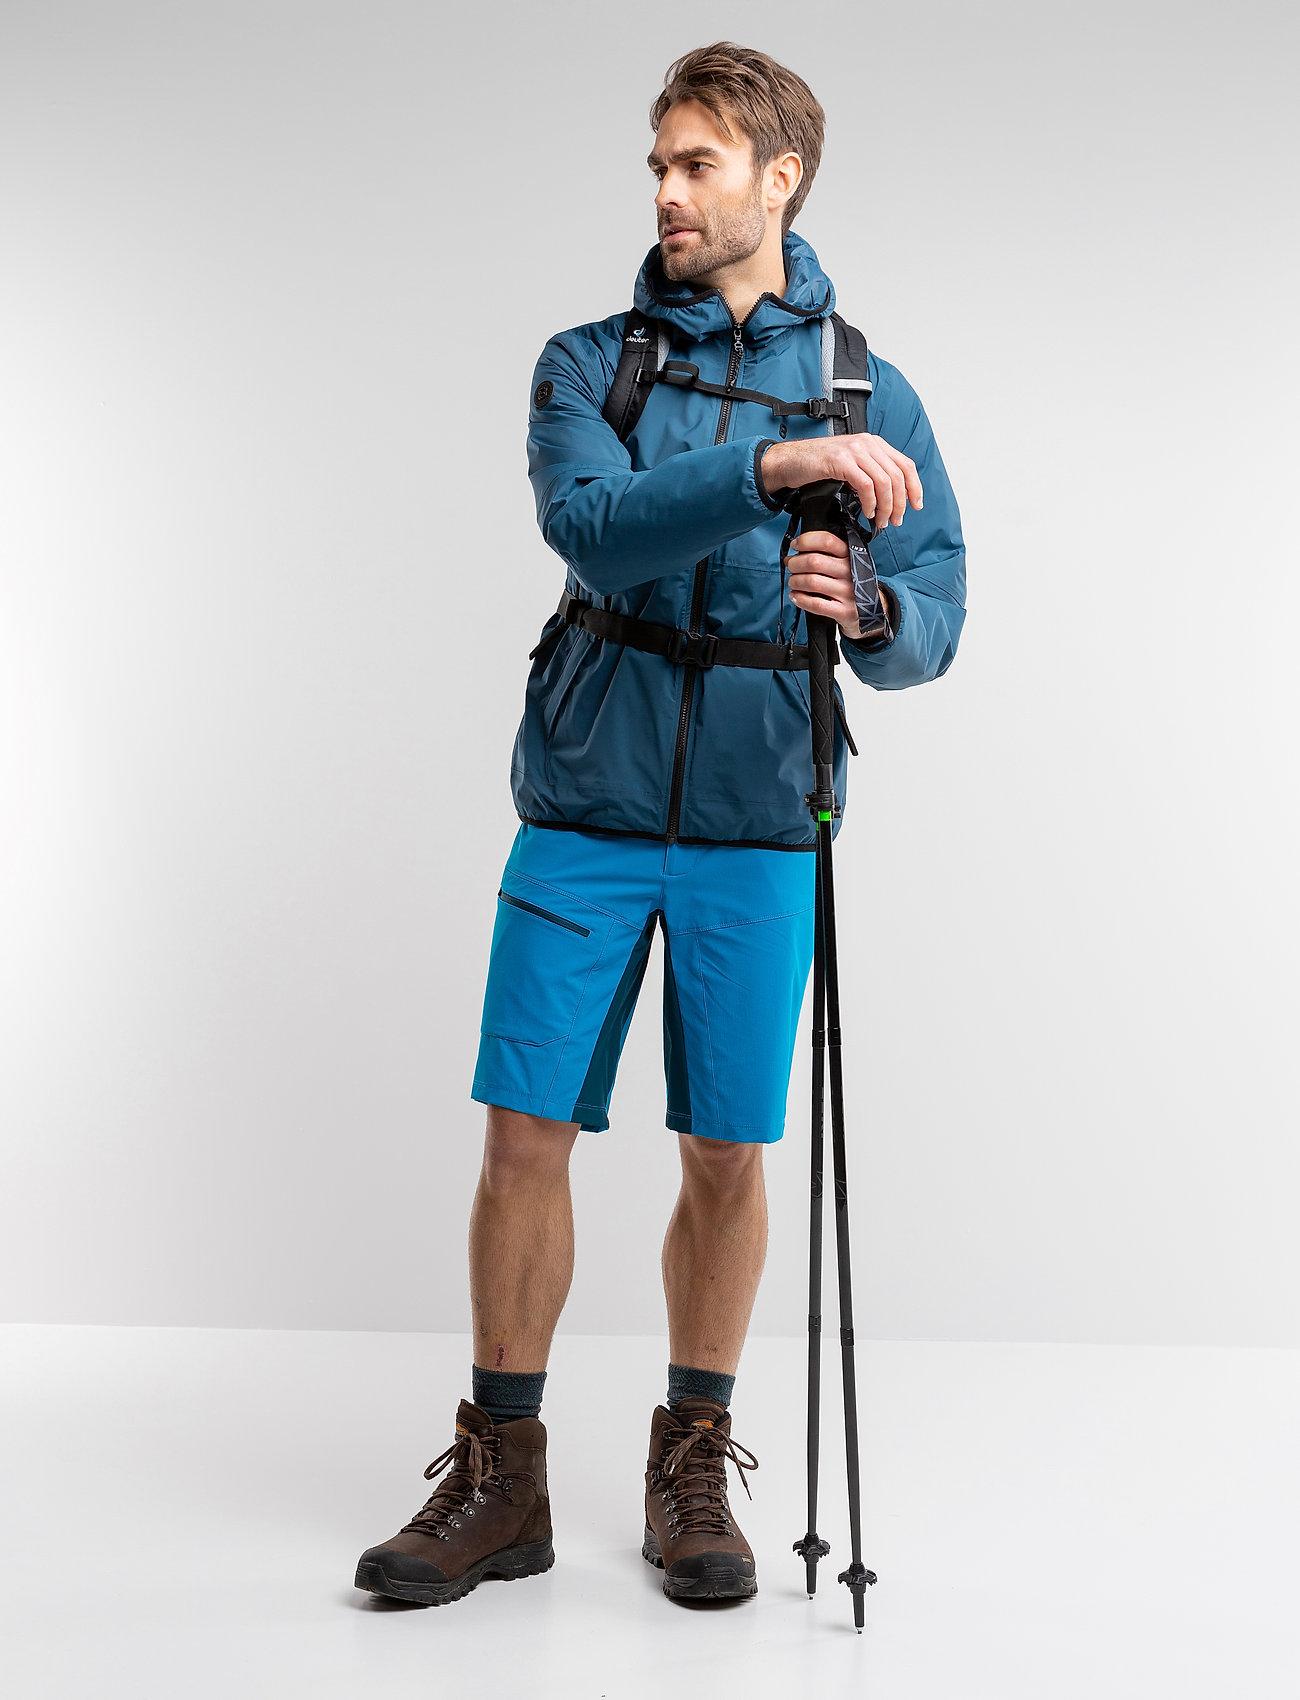 8848 Altitude Navis Jacket - Jakker og frakker REFLECTING POND - Menn Klær